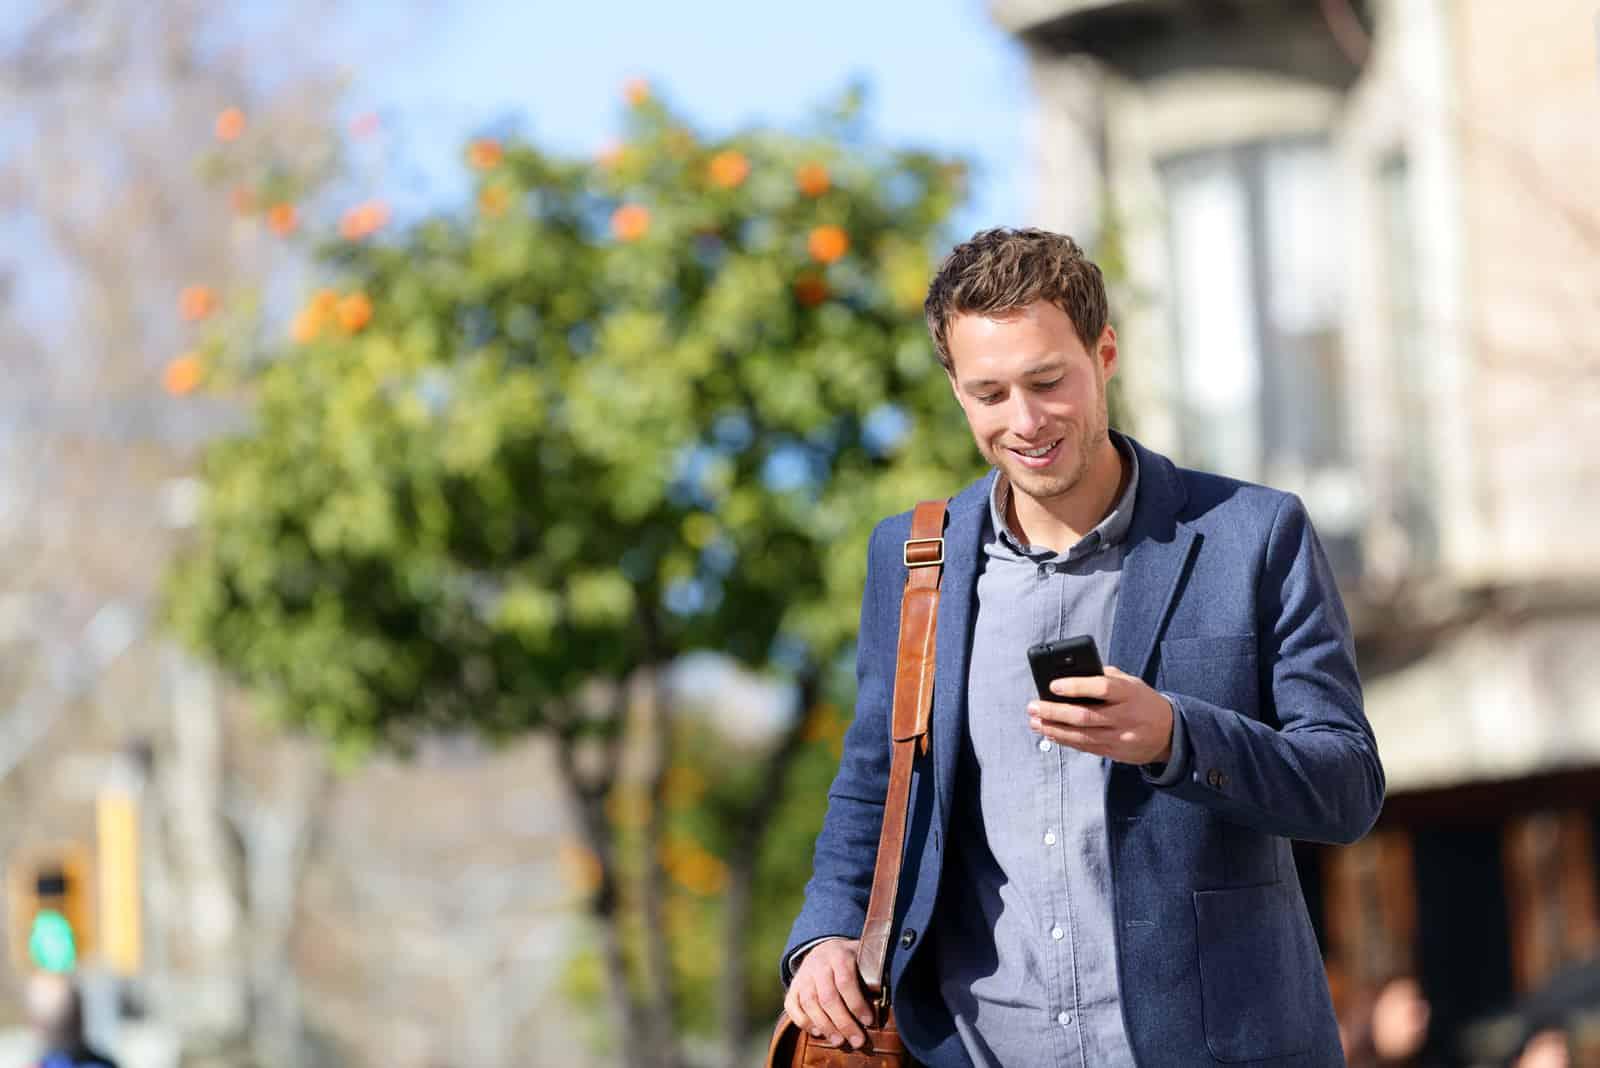 homme professionnel urbain à l'aide de smartphone